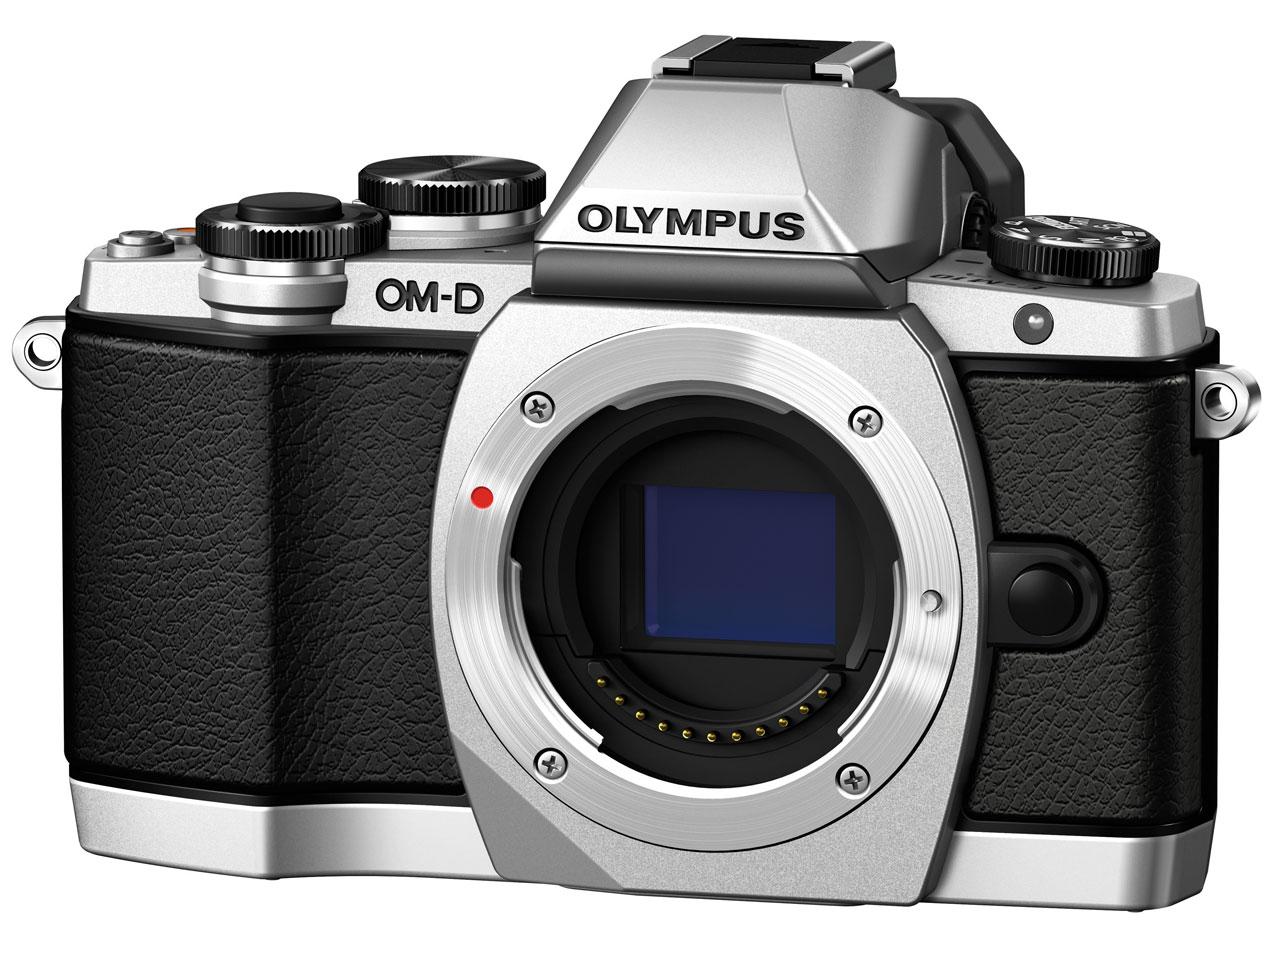 『本体 正面4』 OLYMPUS OM-D E-M10 14-42mm EZ レンズキット [シルバー] の製品画像